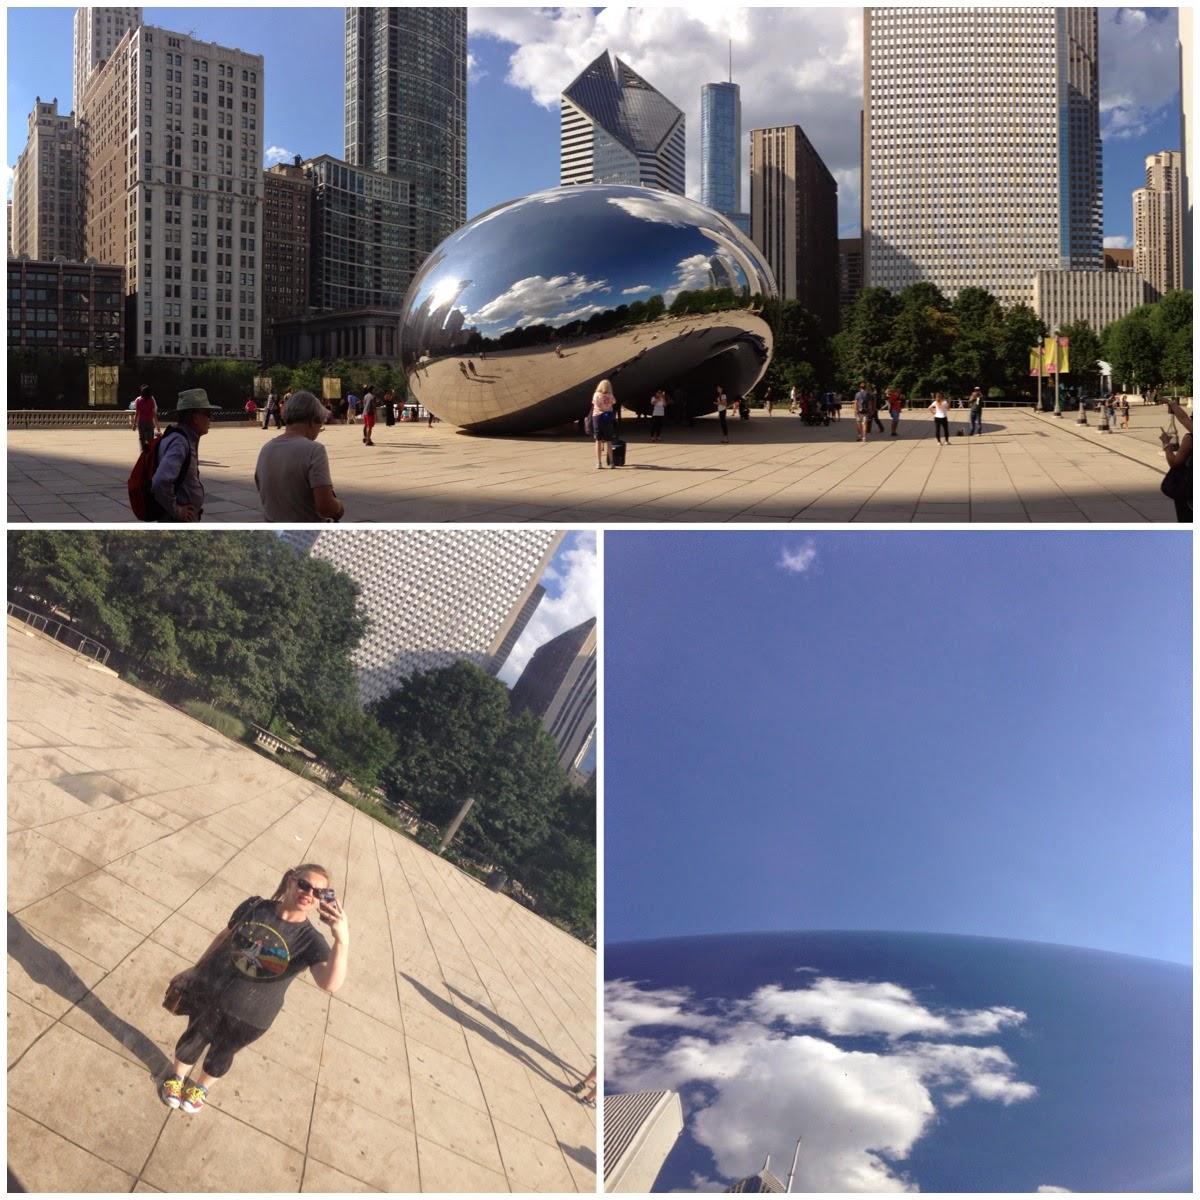 Cloud Gate Millennium Park Chicago